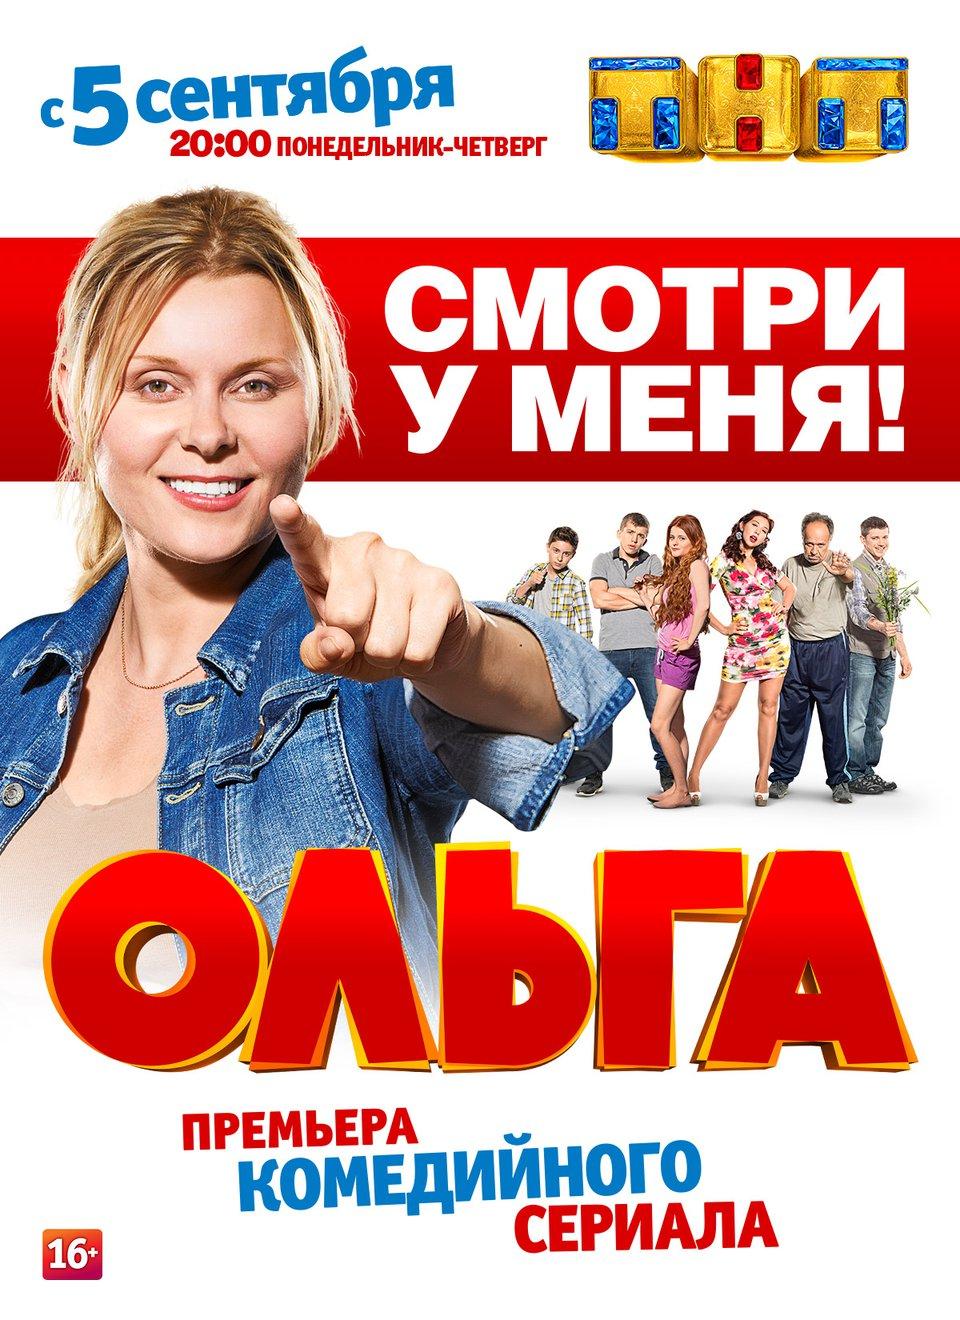 «Сериал Ольга На Тнт Смотреть Онлайн 1 Сезон 10 Серия» — 2010